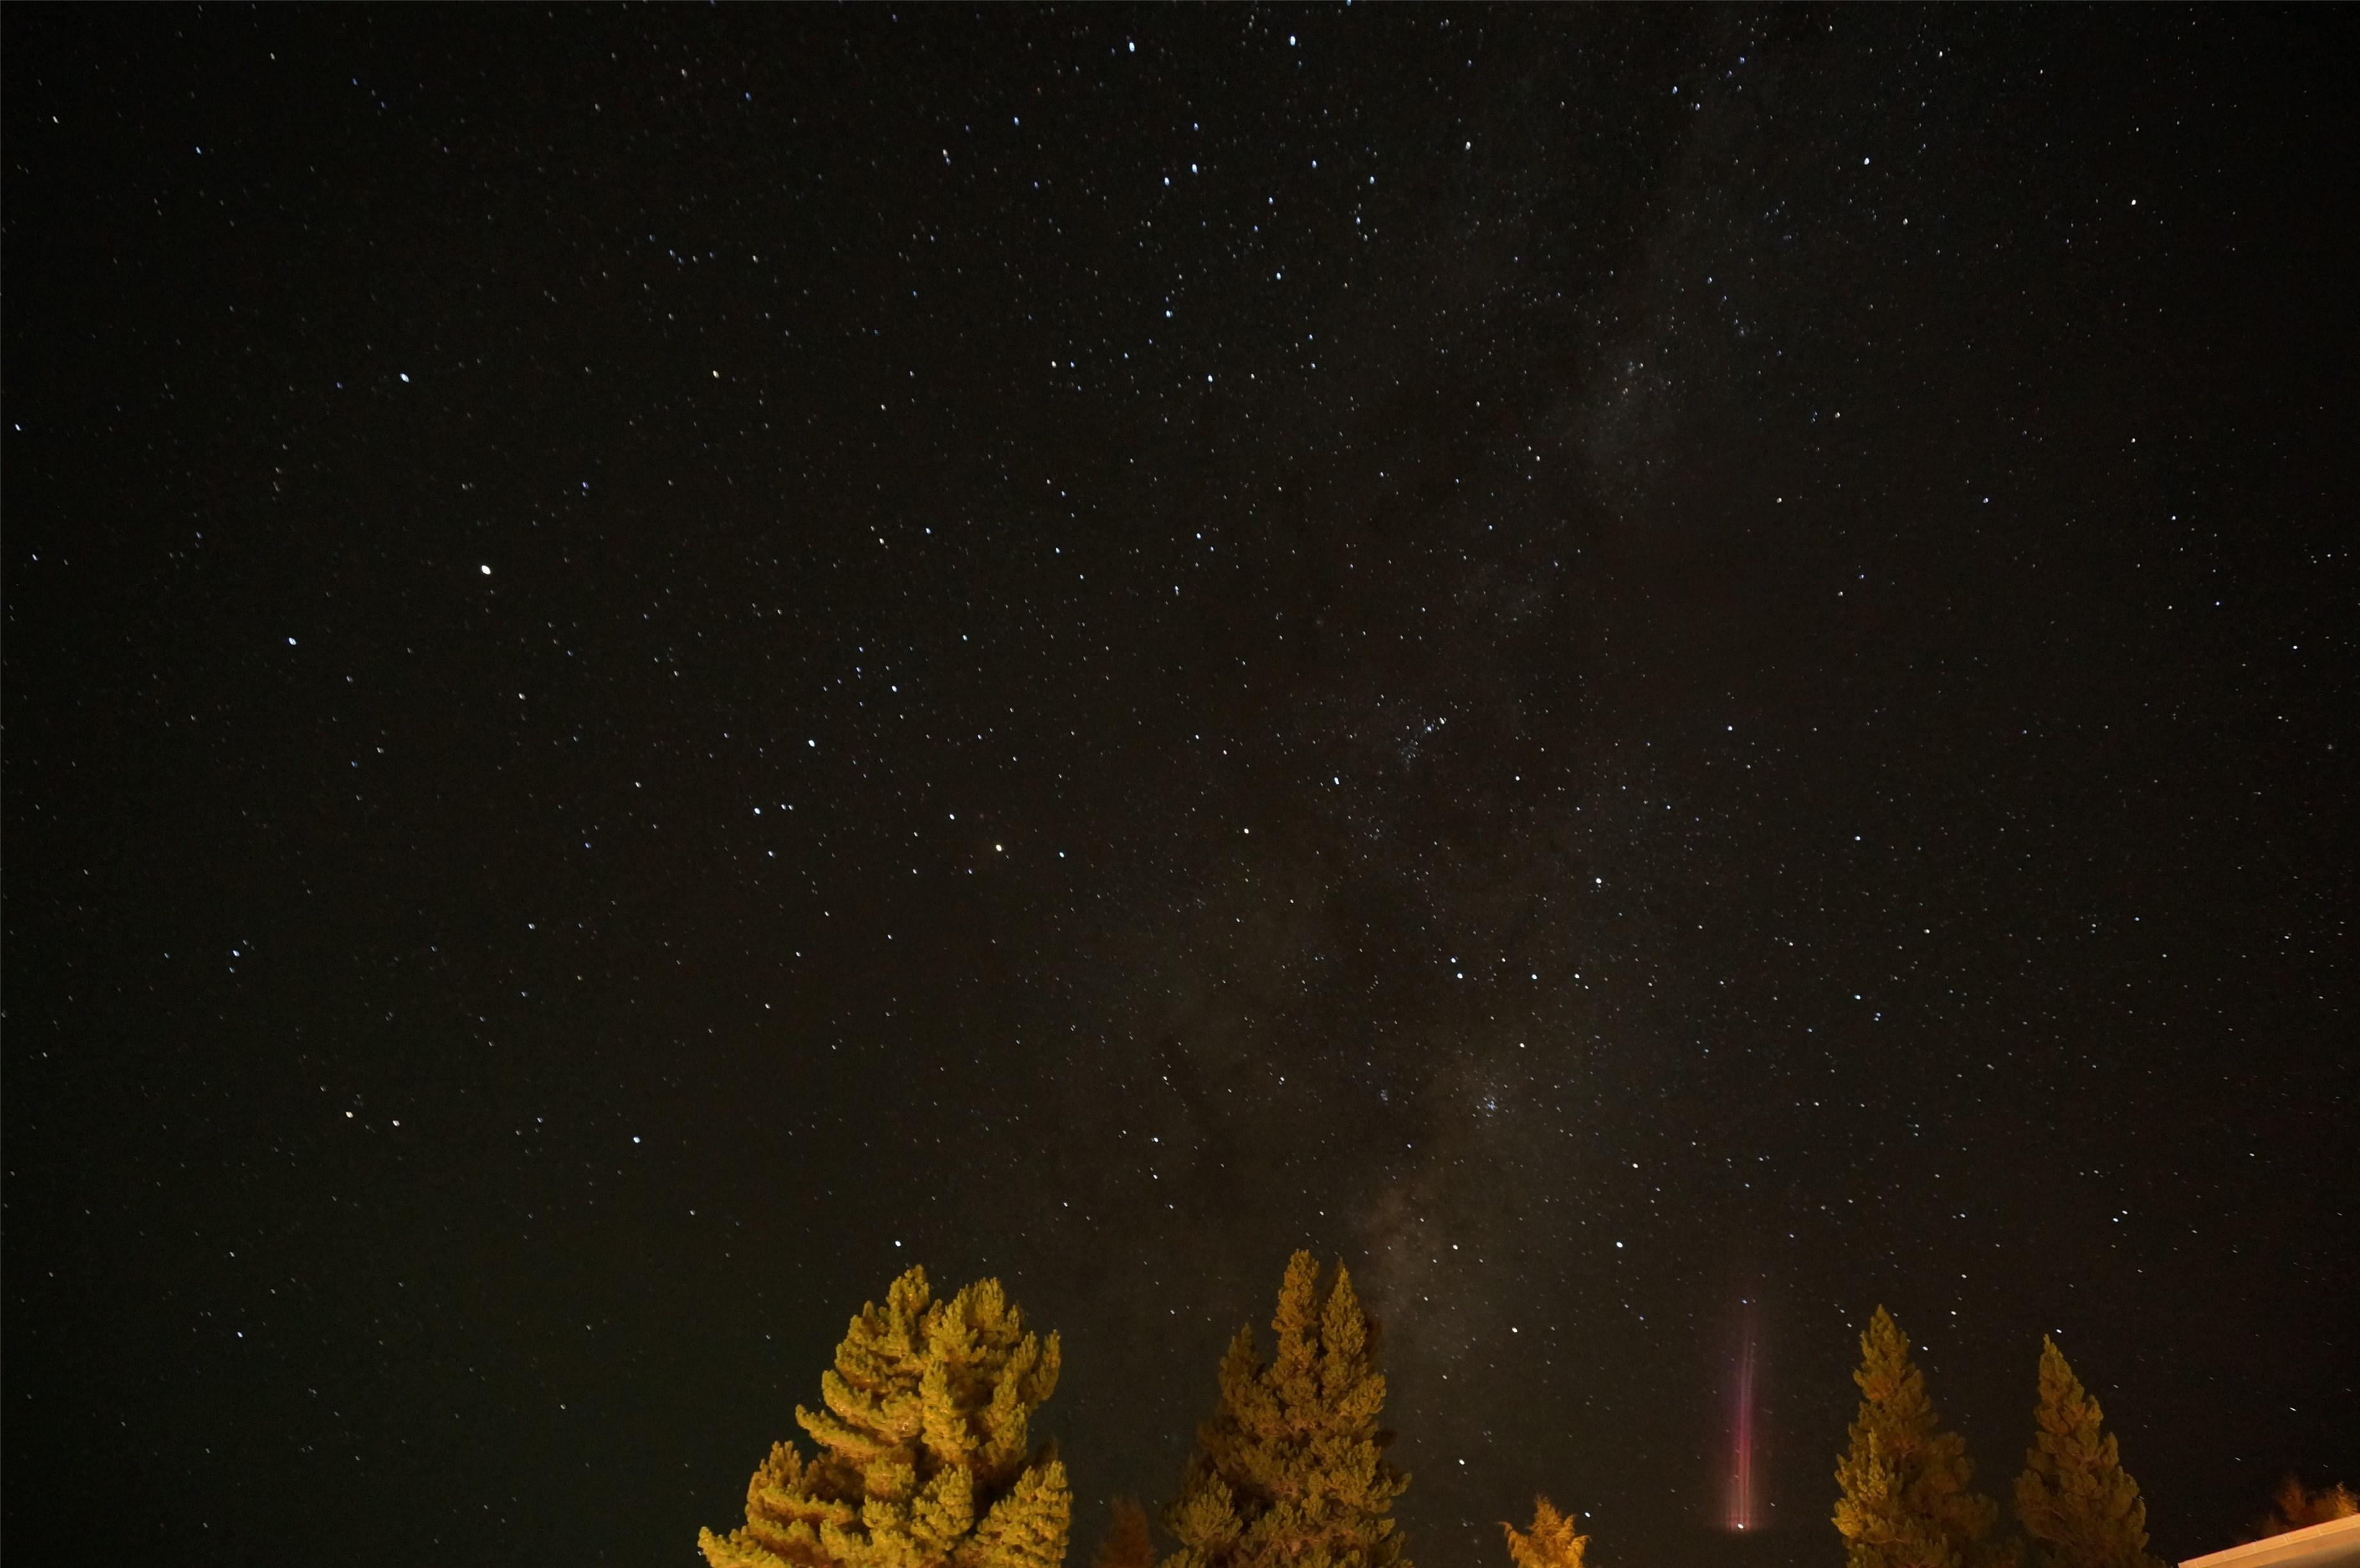 ソニーα NEX-5Rで星空撮影